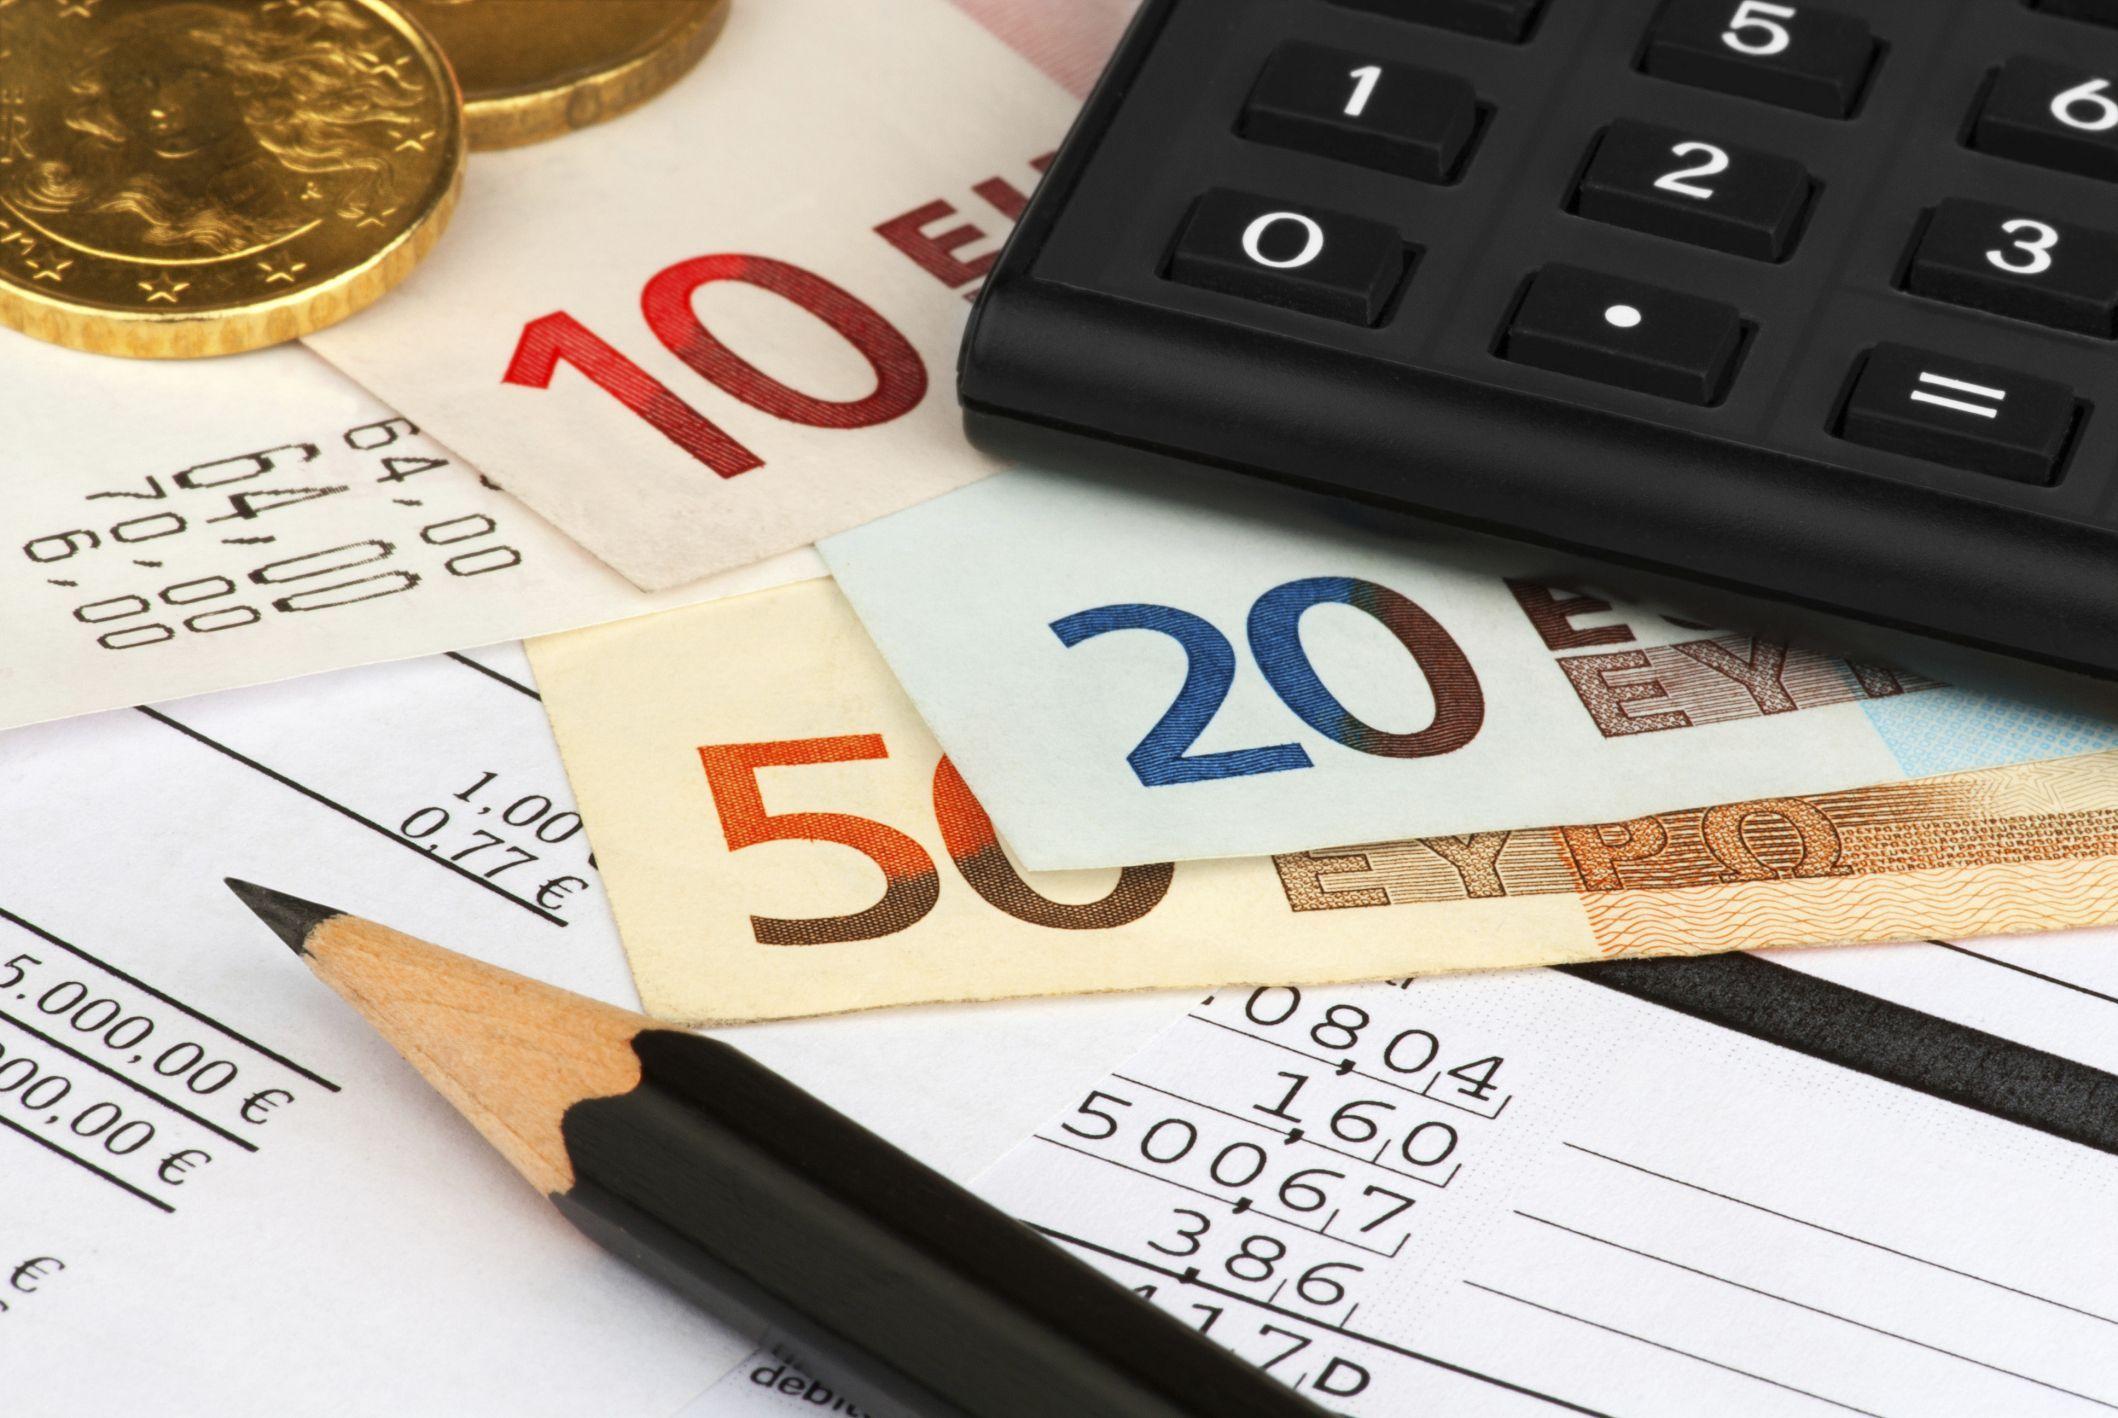 come risparmiare conto corrente bancario online 150x150